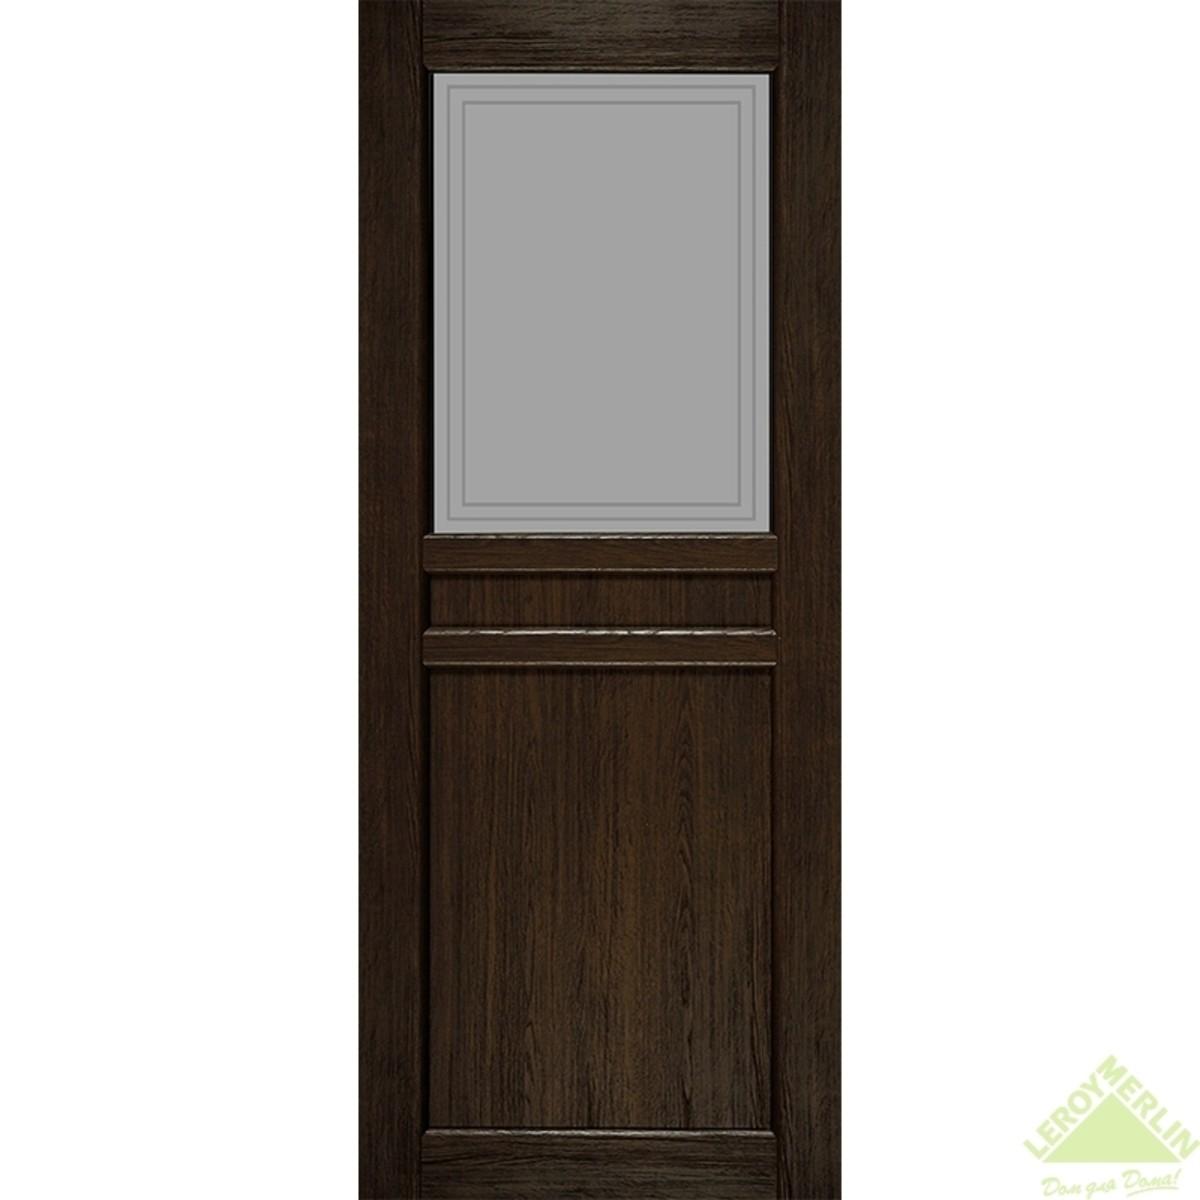 Дверное полотно остеклённое Элегия CPL 800x2000 мм ясень шоколадный